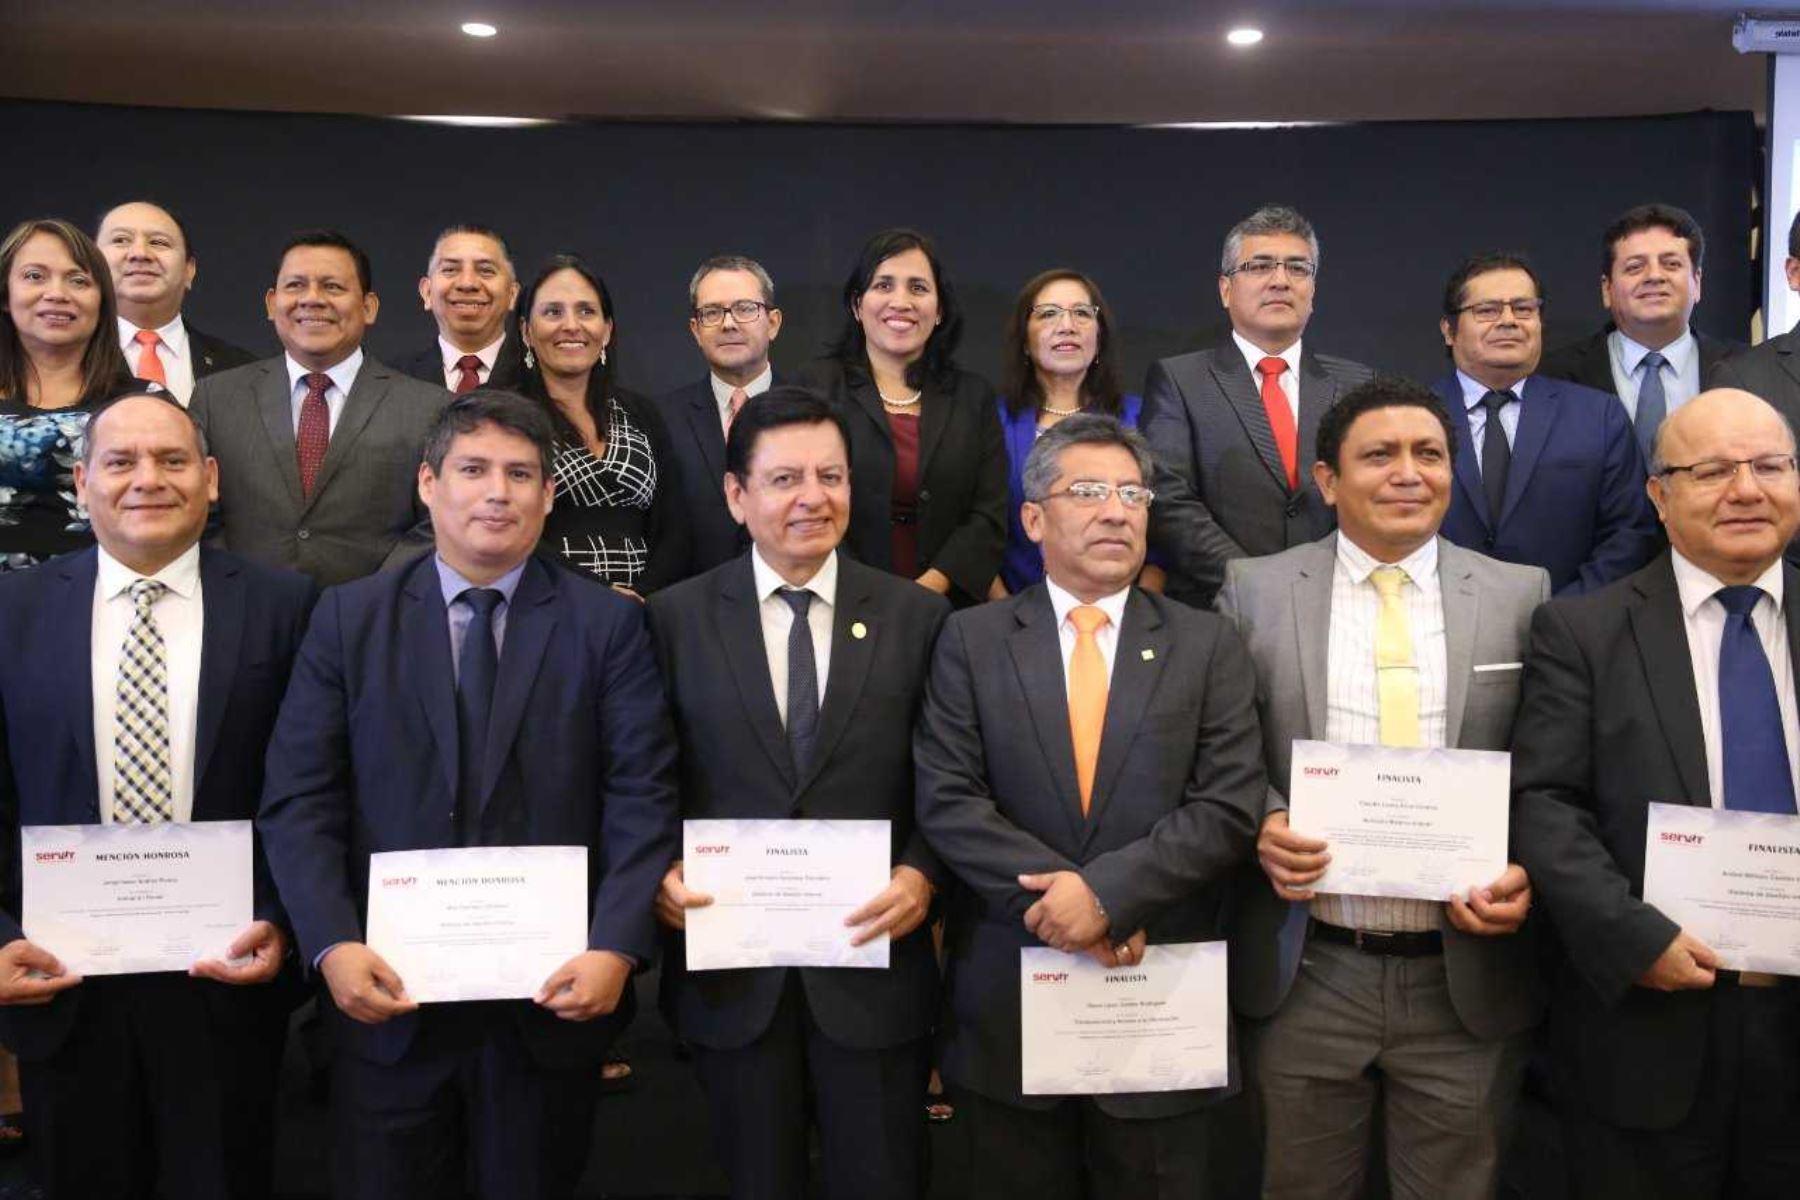 Dos UGEL de Lima ganan concurso de Buenas Prácticas de Gestión Pública. Foto: ANDINA/Difusión.